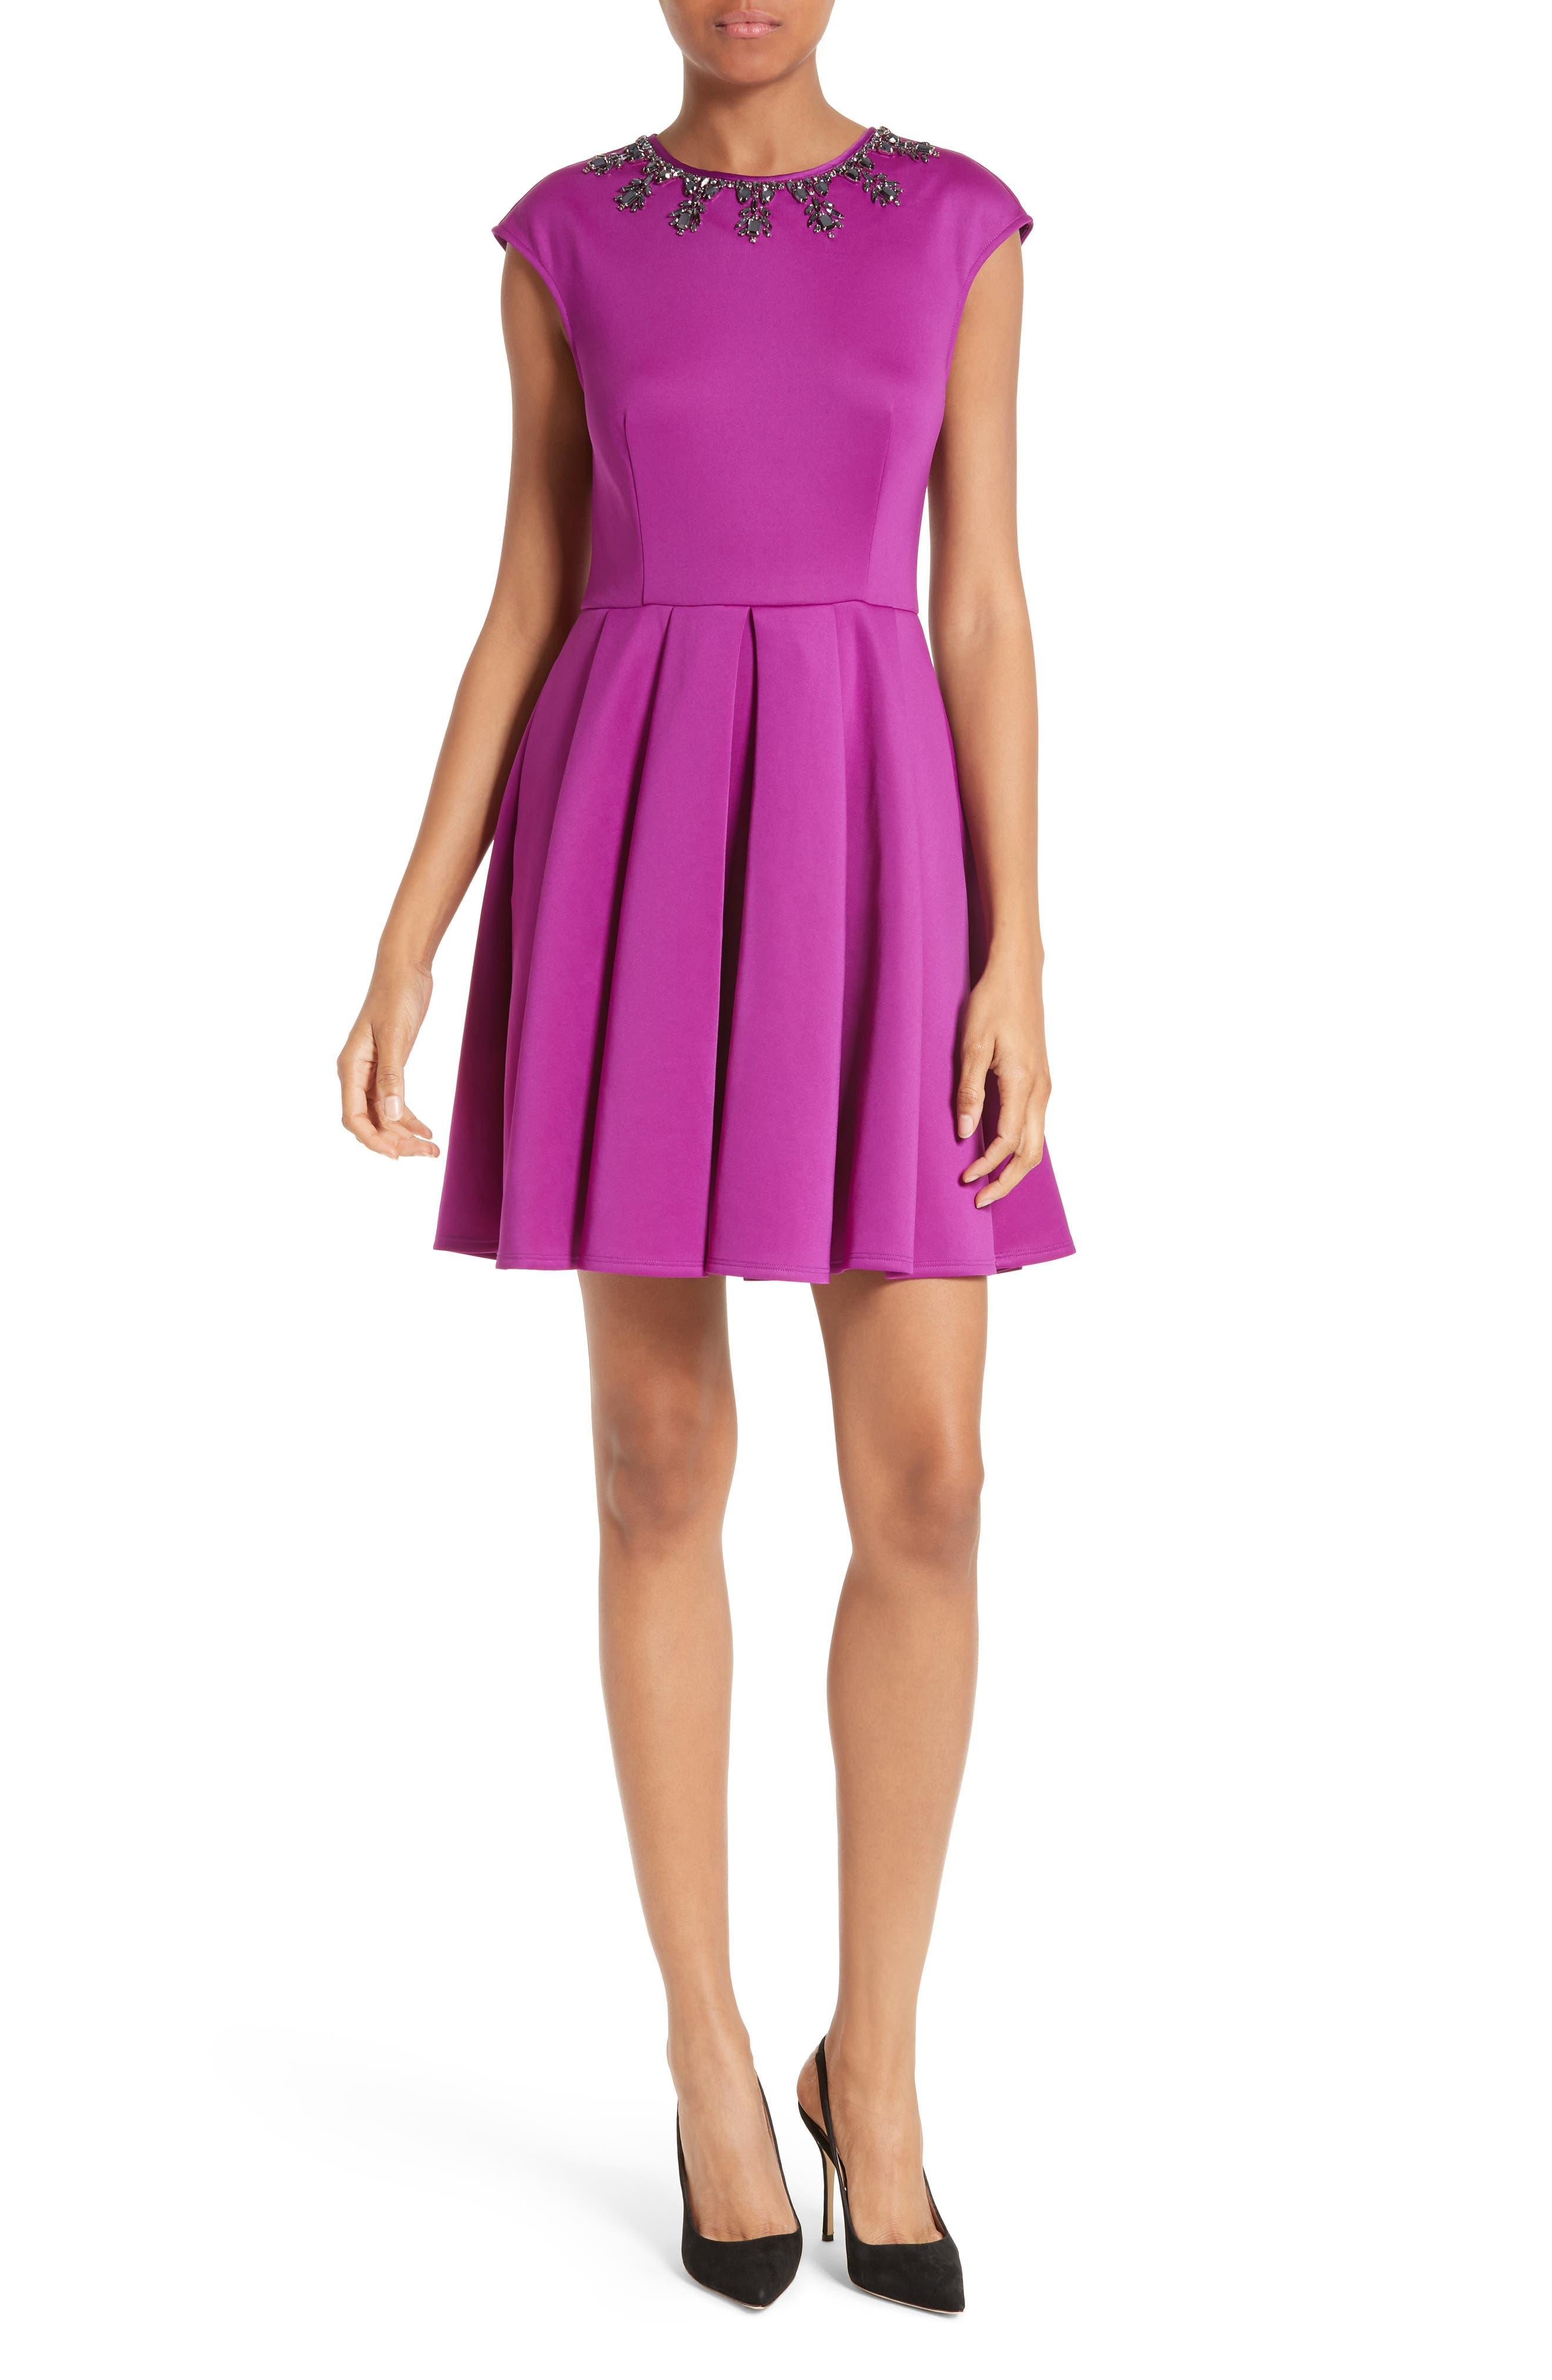 Main Image - Ted Baker London J'adore Embellished Fit & Flare Dress